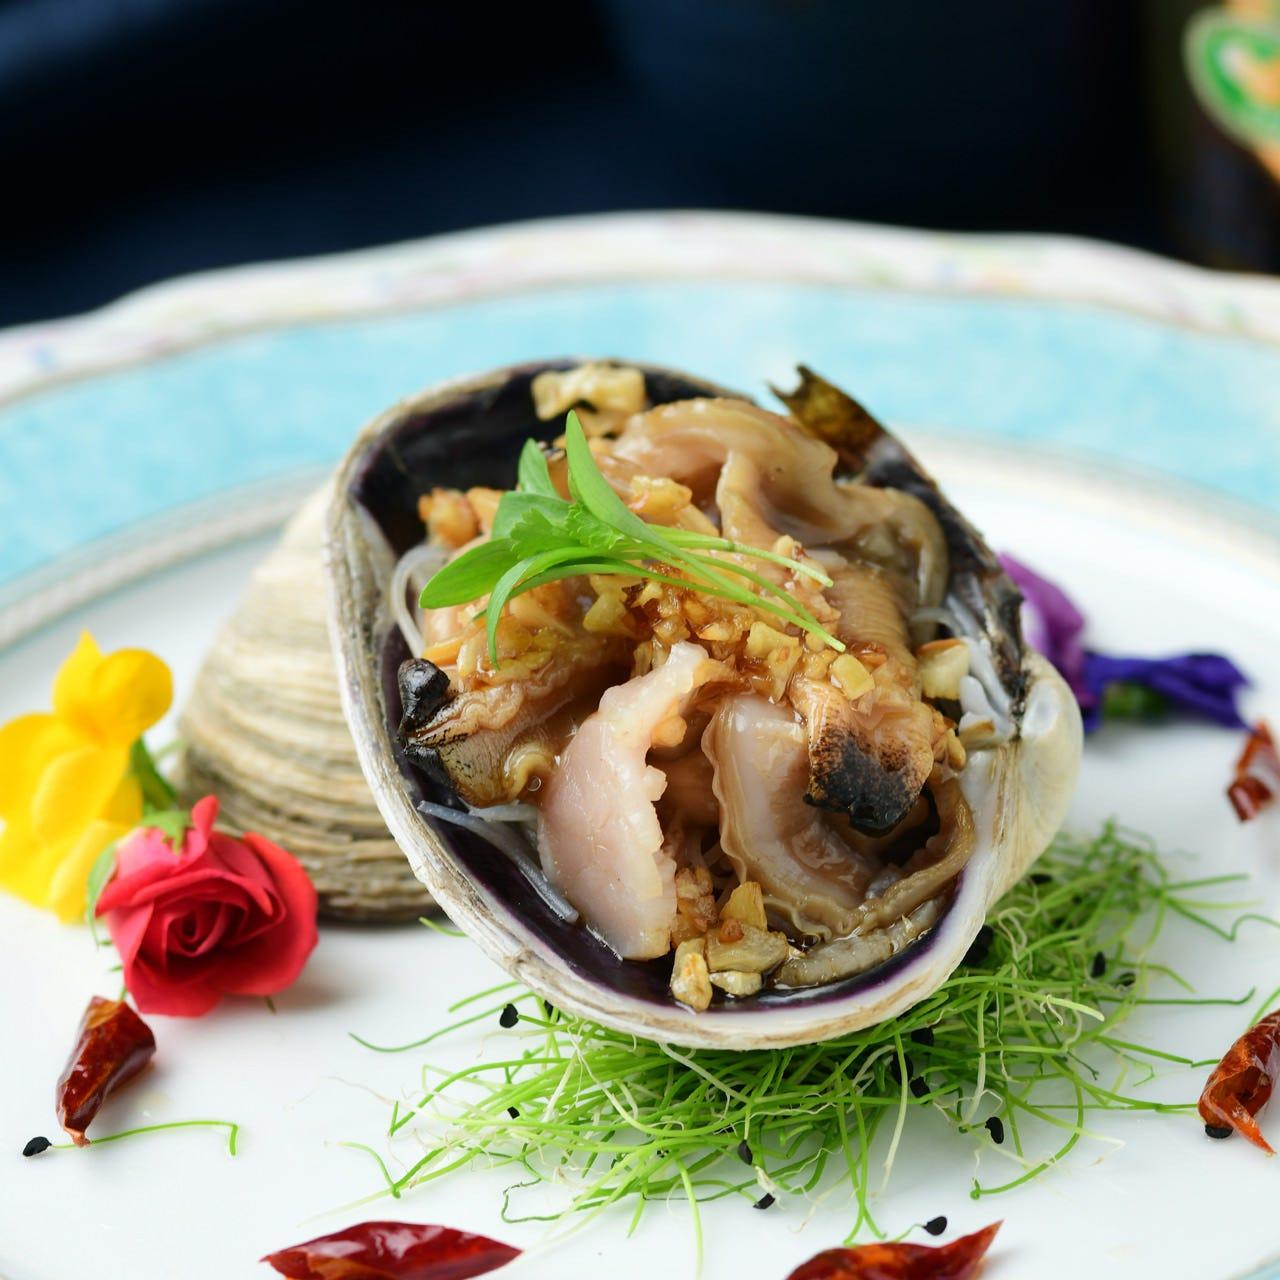 伊勢海老など新鮮な海の幸をお好みの調理法でご用意いたします